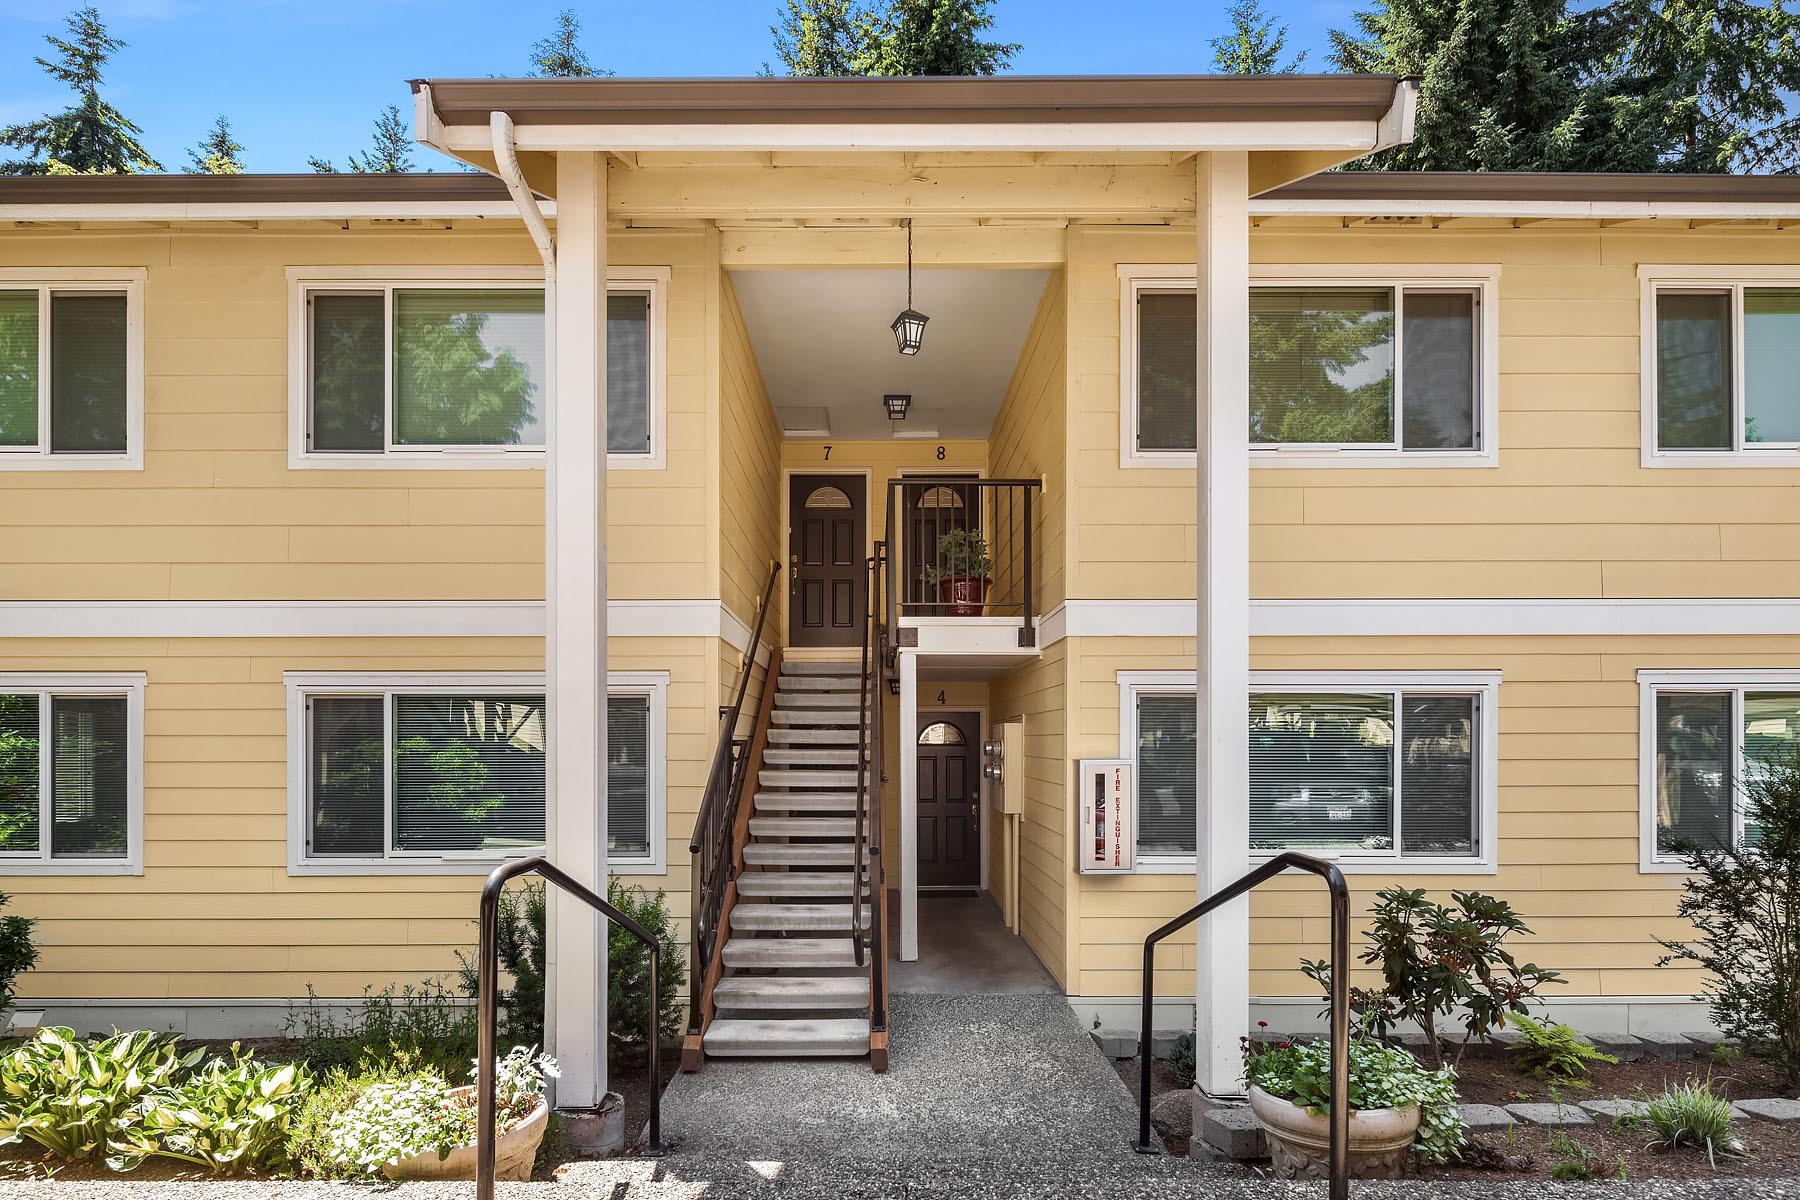 14601 Ne 50th Place E-4, Bellevue, WA - USA (photo 1)